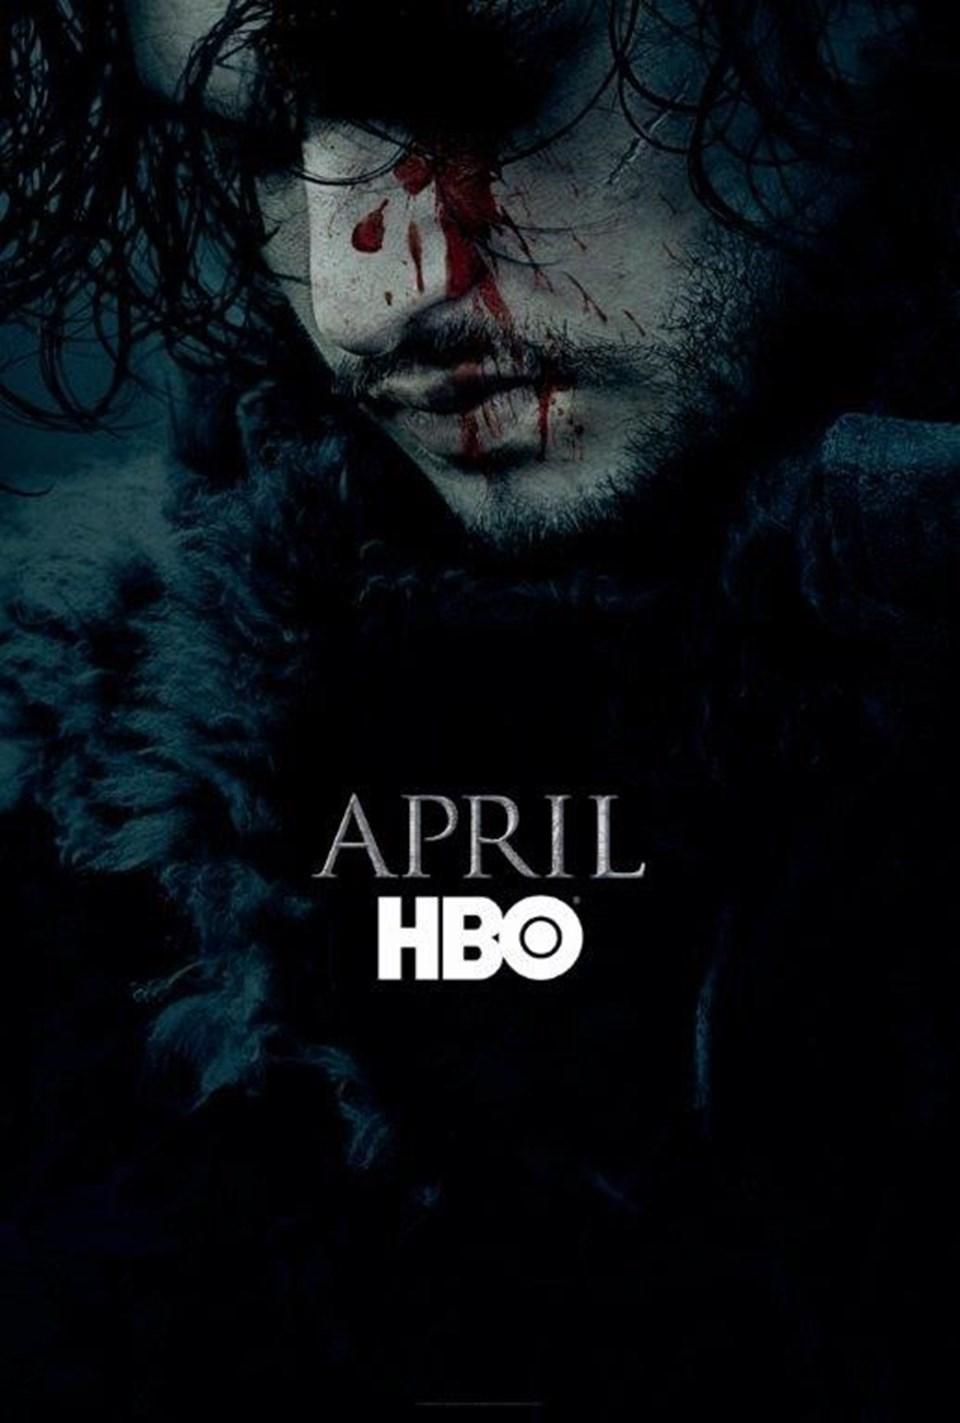 """HBO'nun dizisinin yeni sezon posterinde Jon Snow'a yer vermesikafaları bir kez daha karıştırmış, Game Of Thrones hayranları, olayı """"Jon Snow'un yaşadığı"""" şeklinde yorumlamıştı."""